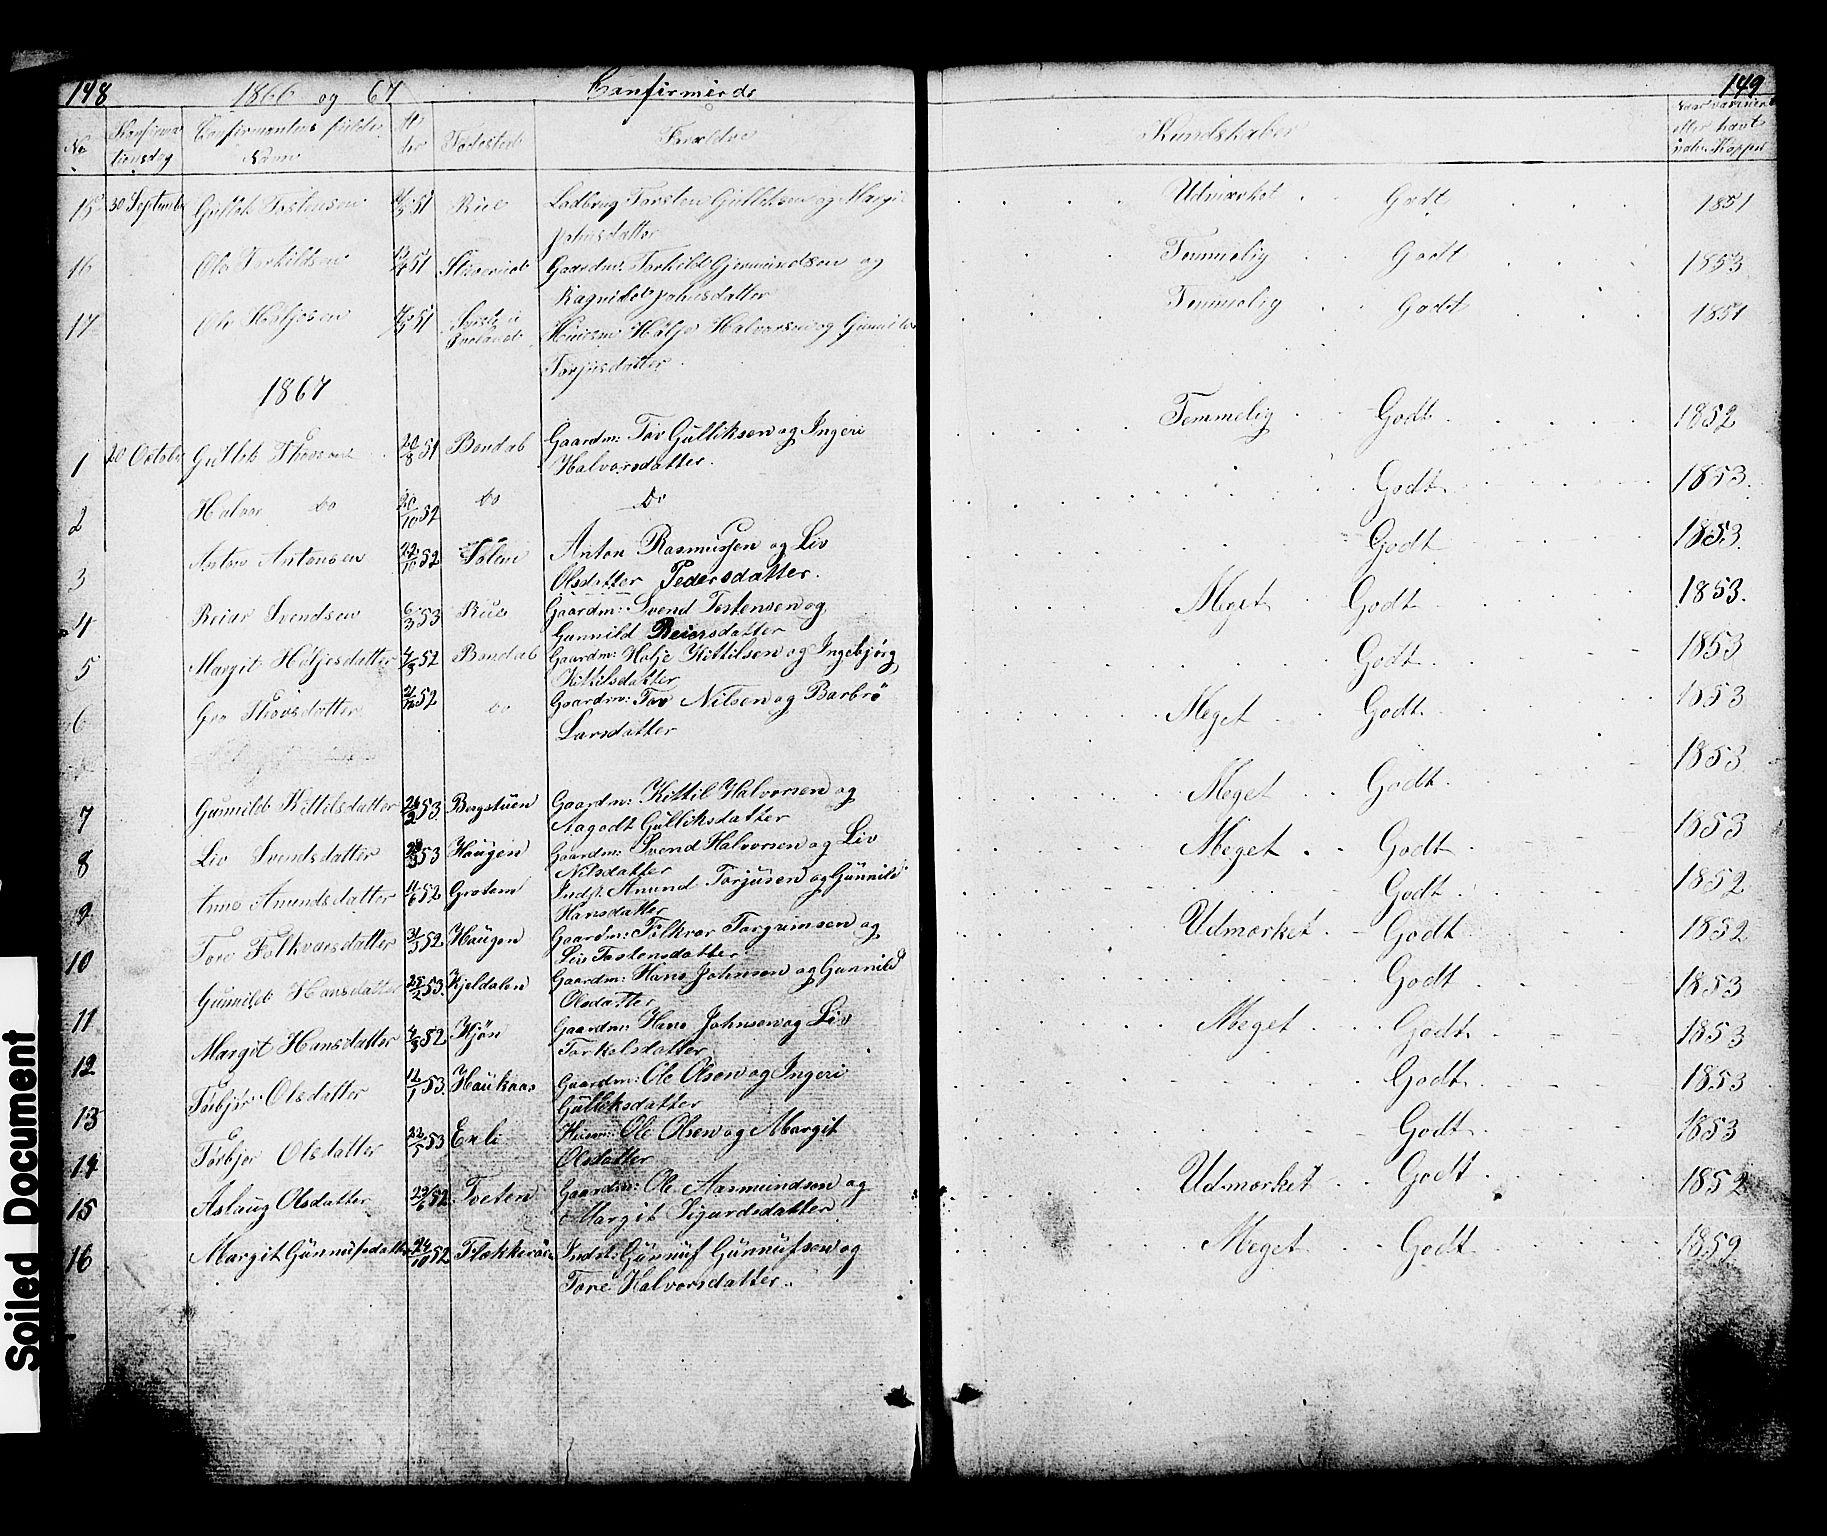 SAKO, Hjartdal kirkebøker, G/Gc/L0002: Klokkerbok nr. III 2, 1854-1890, s. 148-149